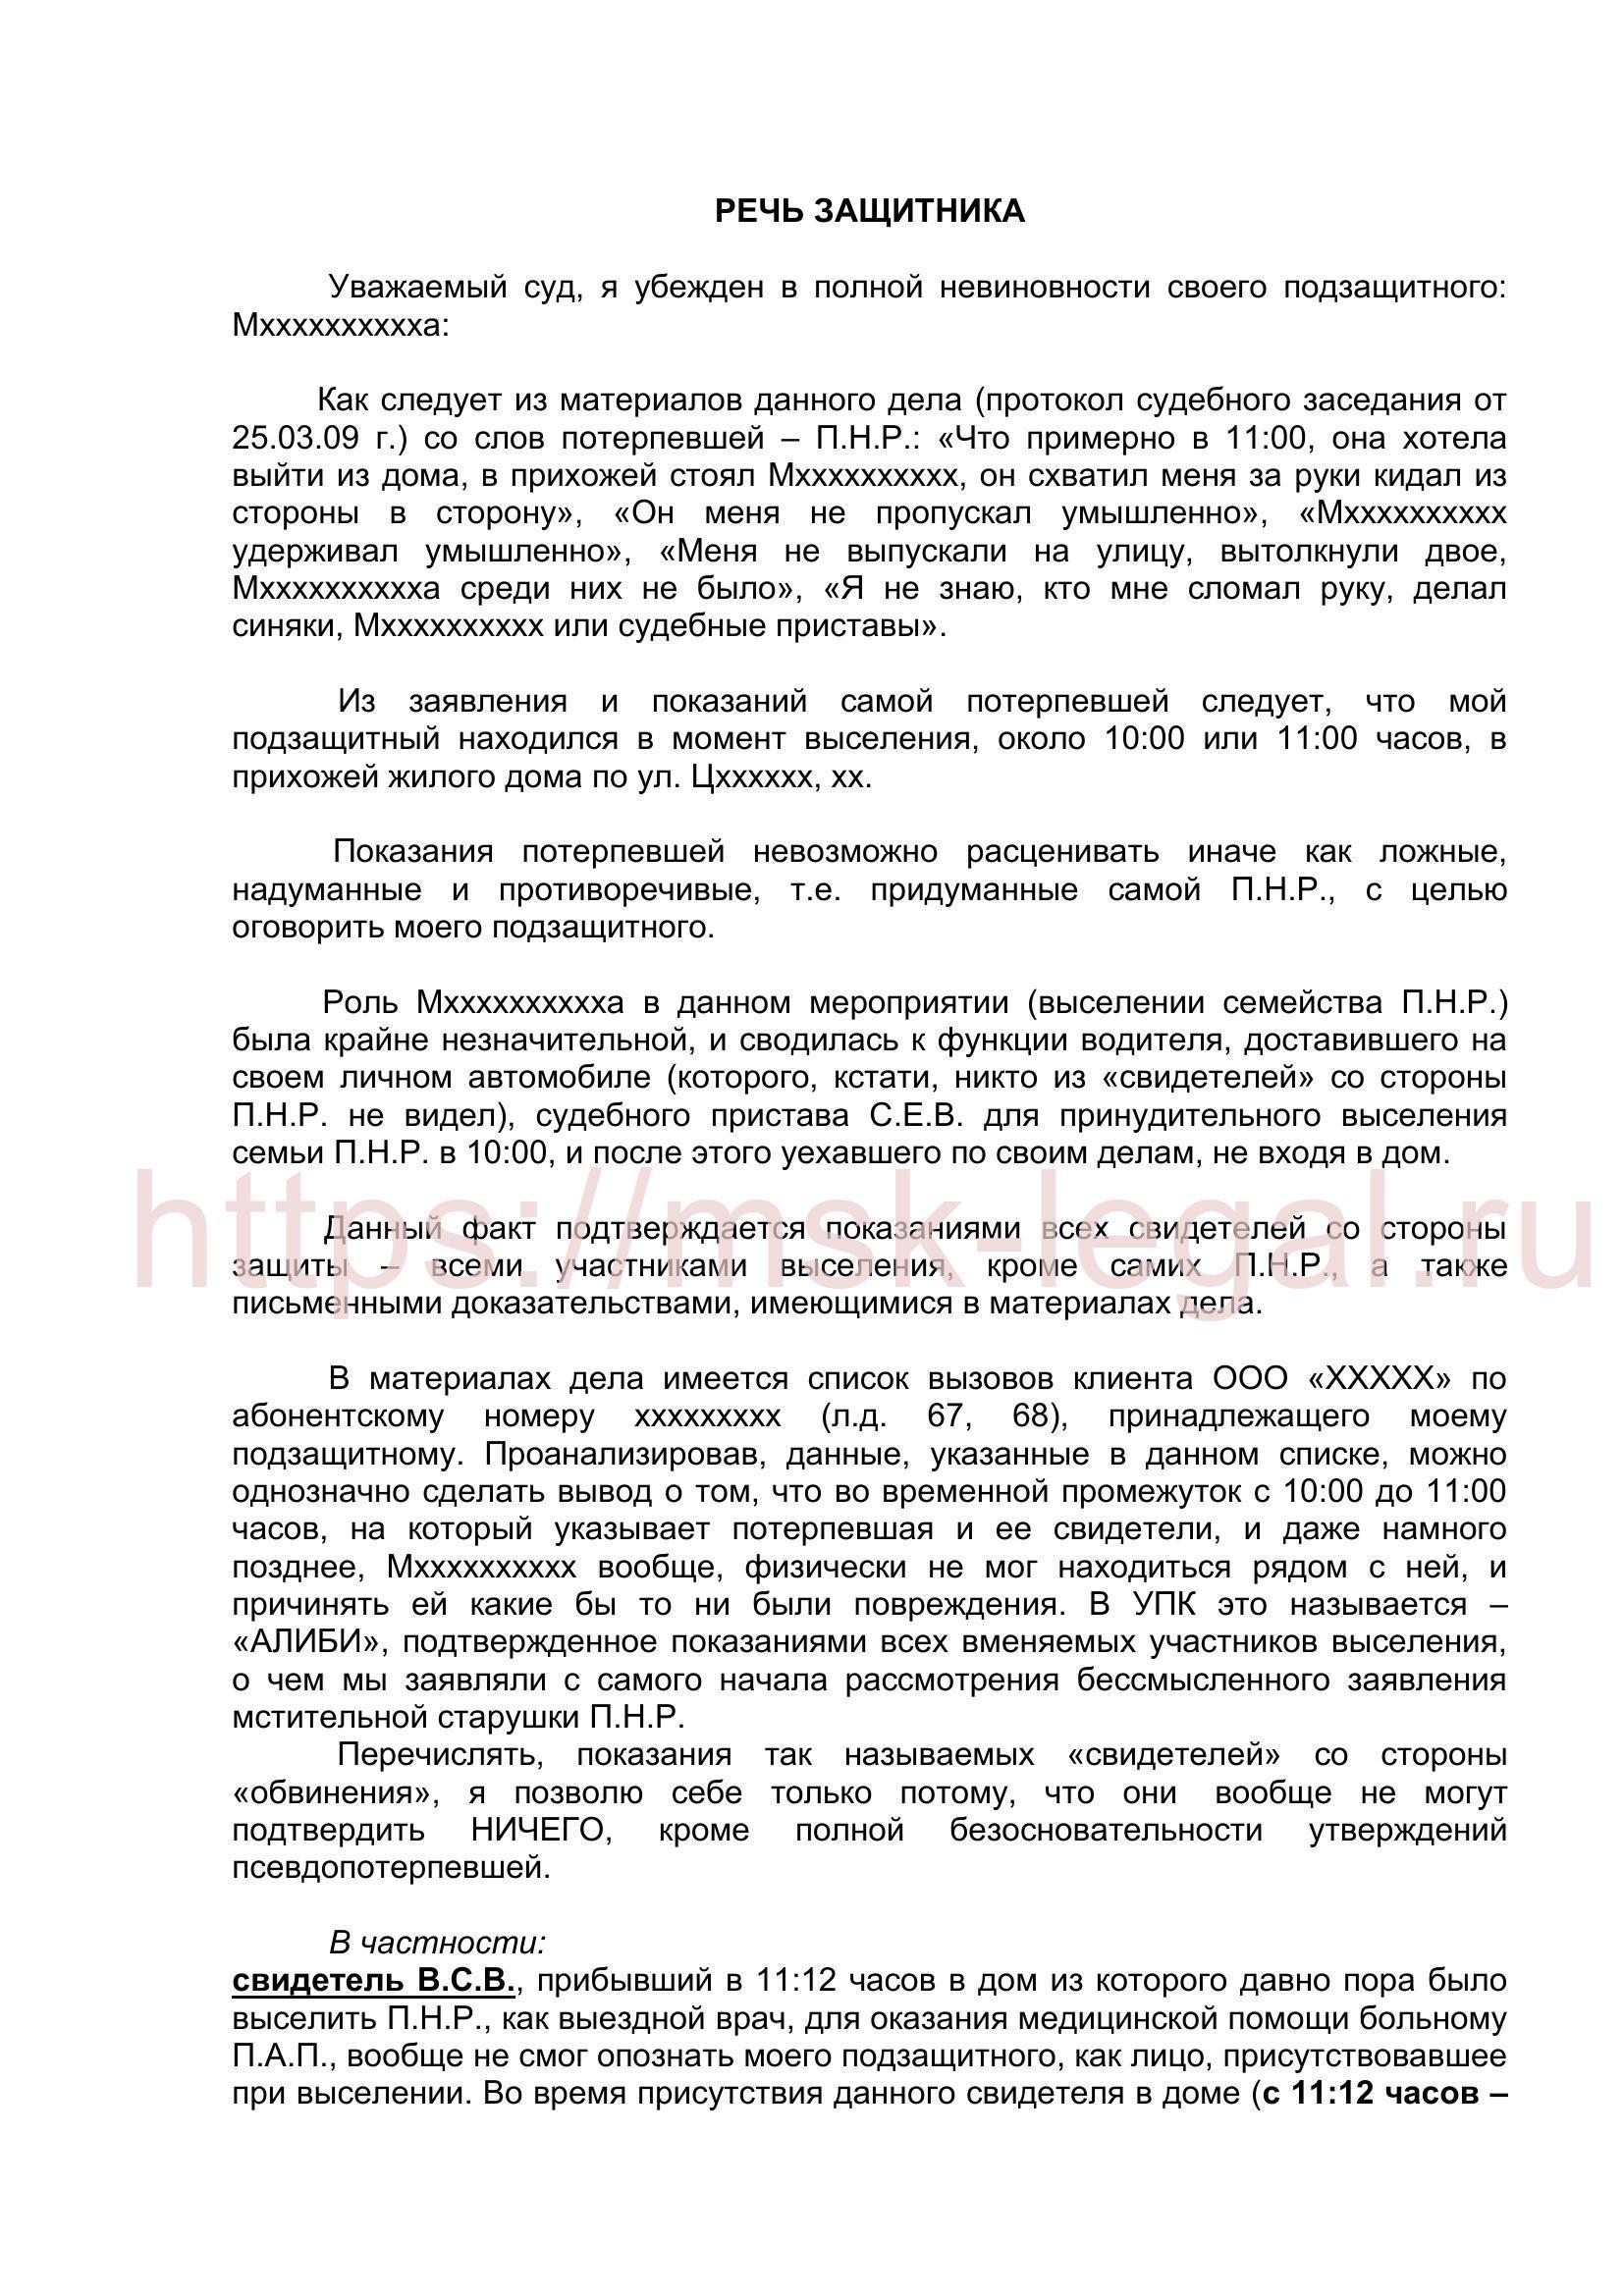 Речь защитника об оправдании подсудимого по ст. 116 УК РФ